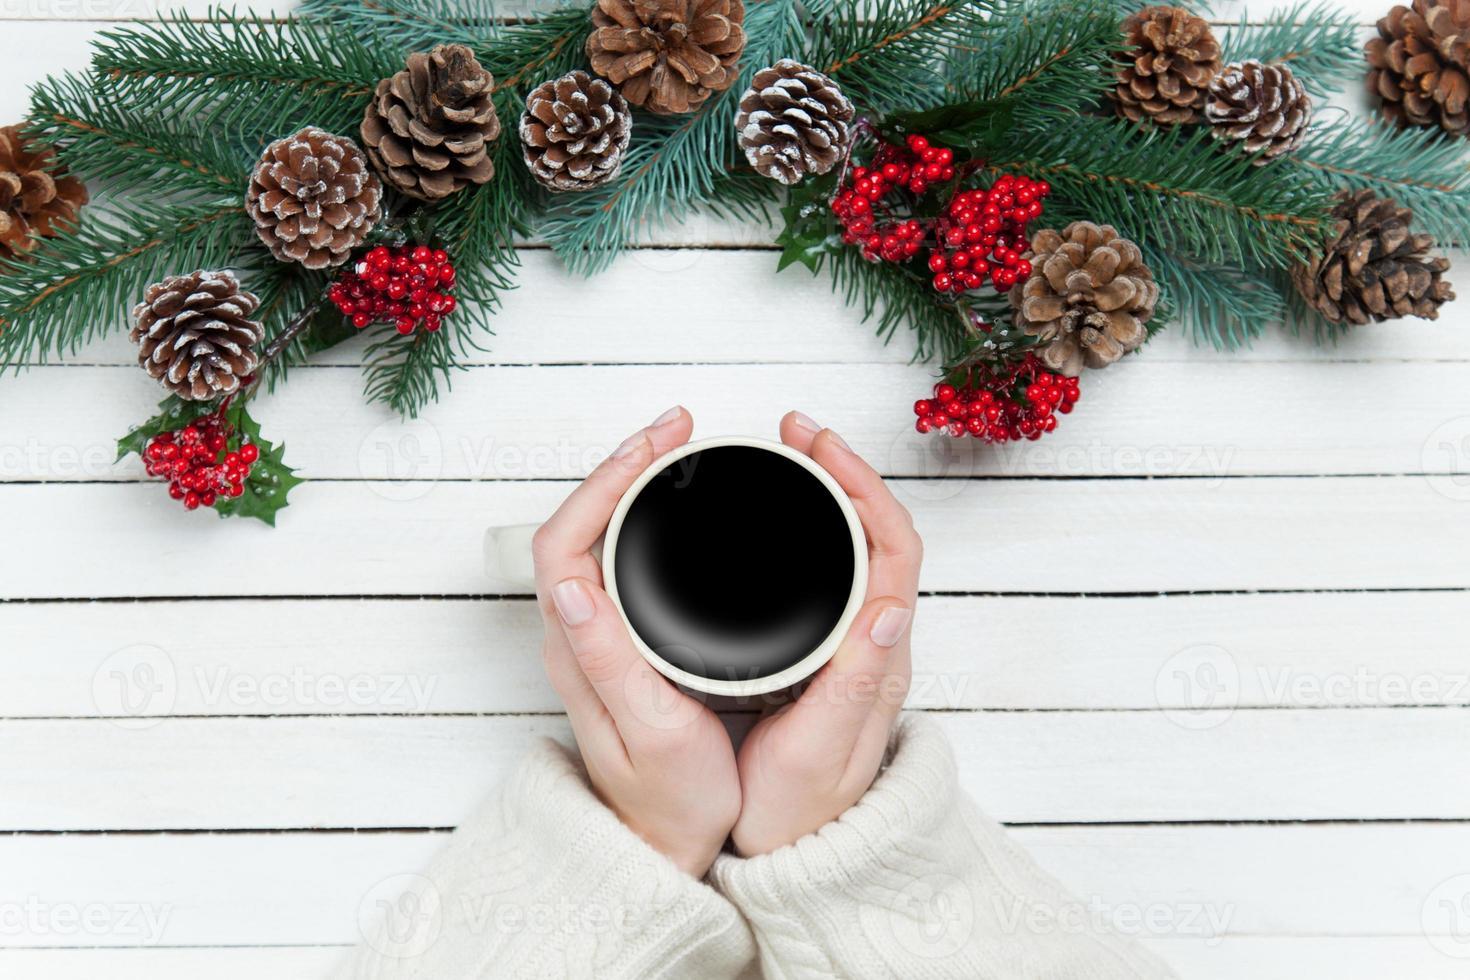 niña sosteniendo una taza de café cerca de ramas de pino foto